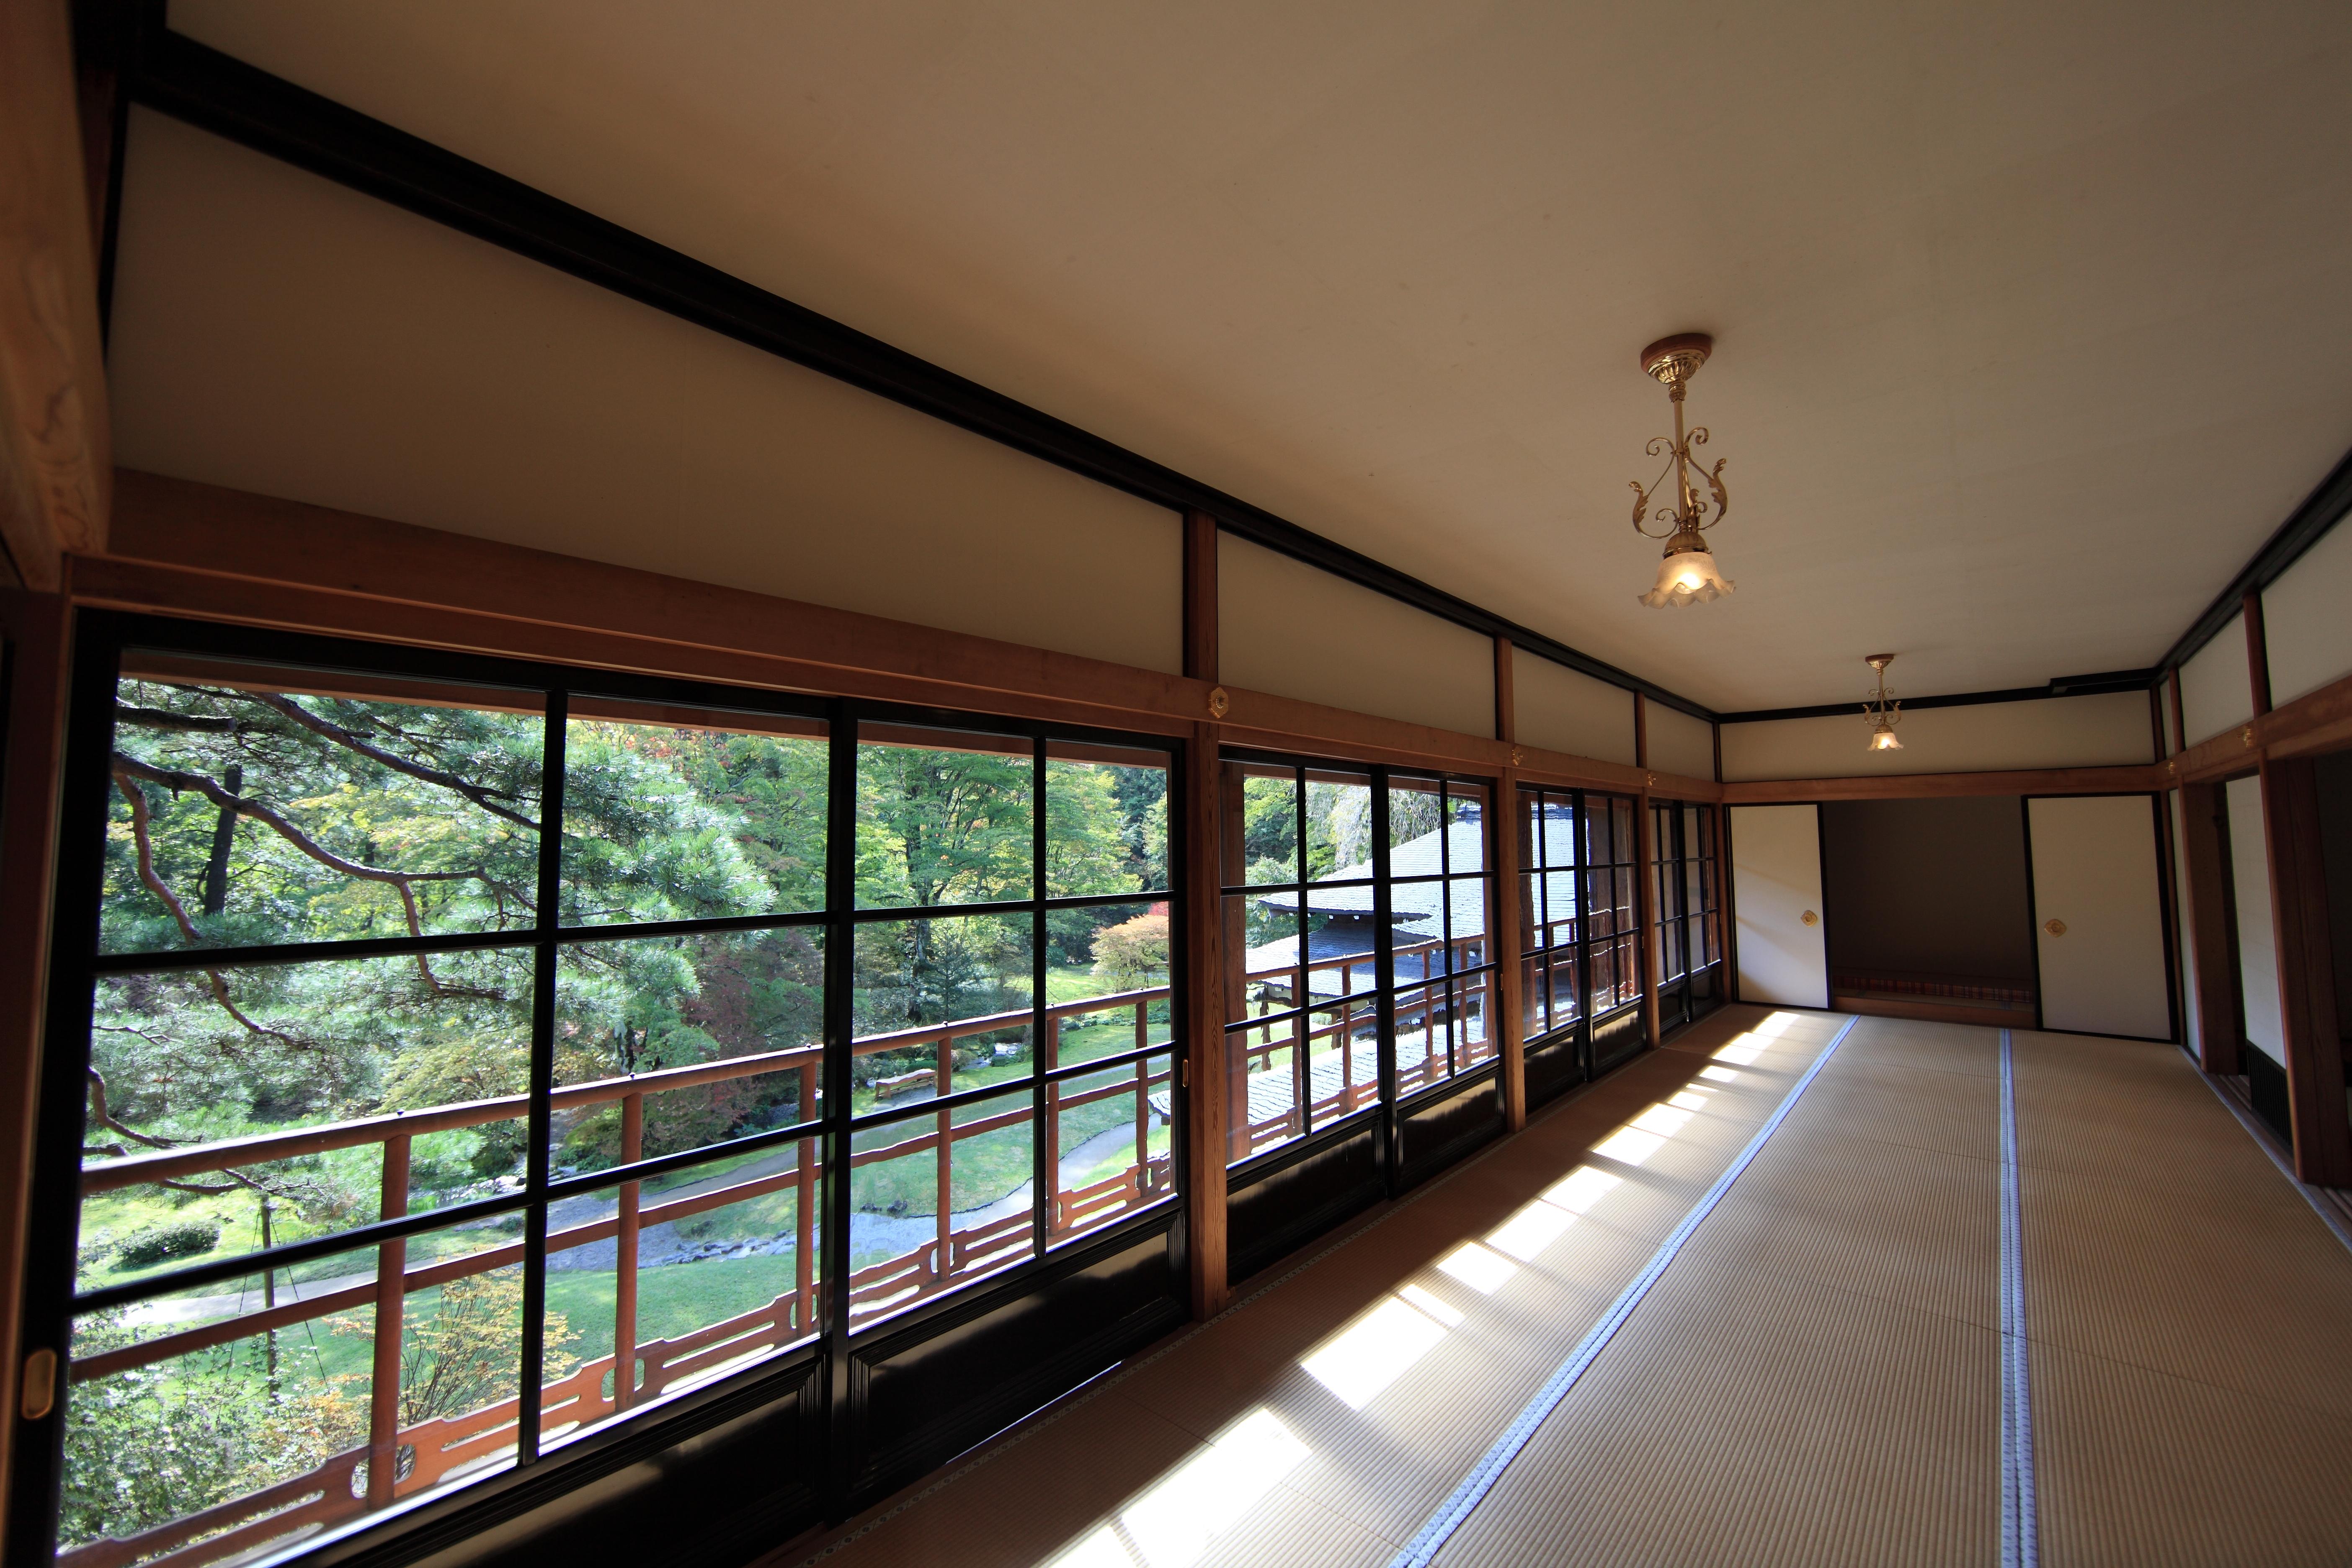 Gambar Arsitektur Vila Rumah Pedalaman Jendela Plafon